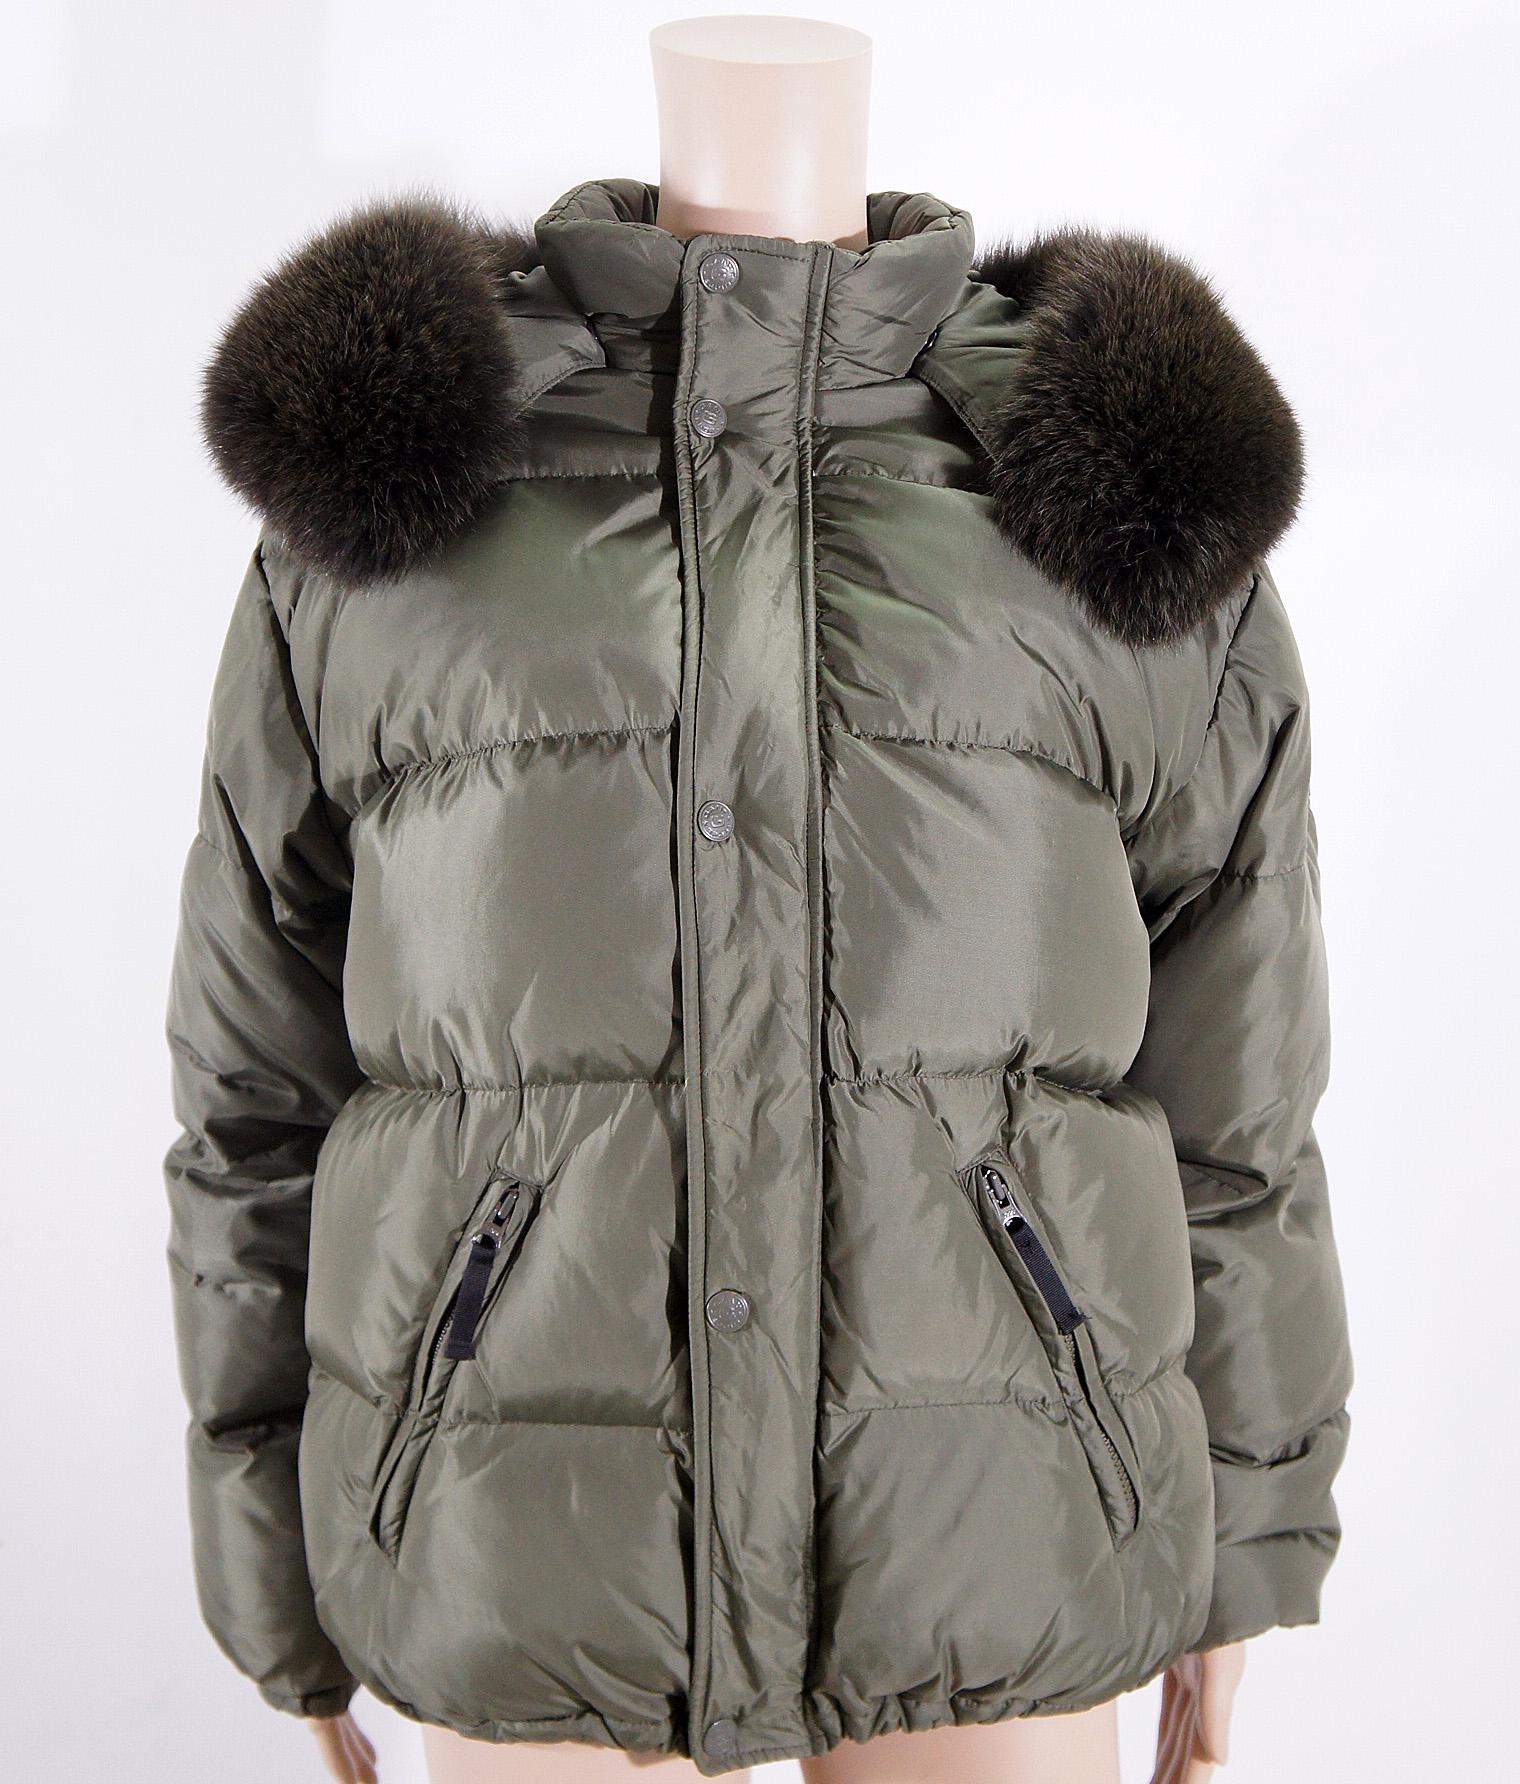 Details zu GANT Sports ASPEN DOWN Damen Jacke Daunenjacke Winterjacke mit Pelz Gr. 38 M